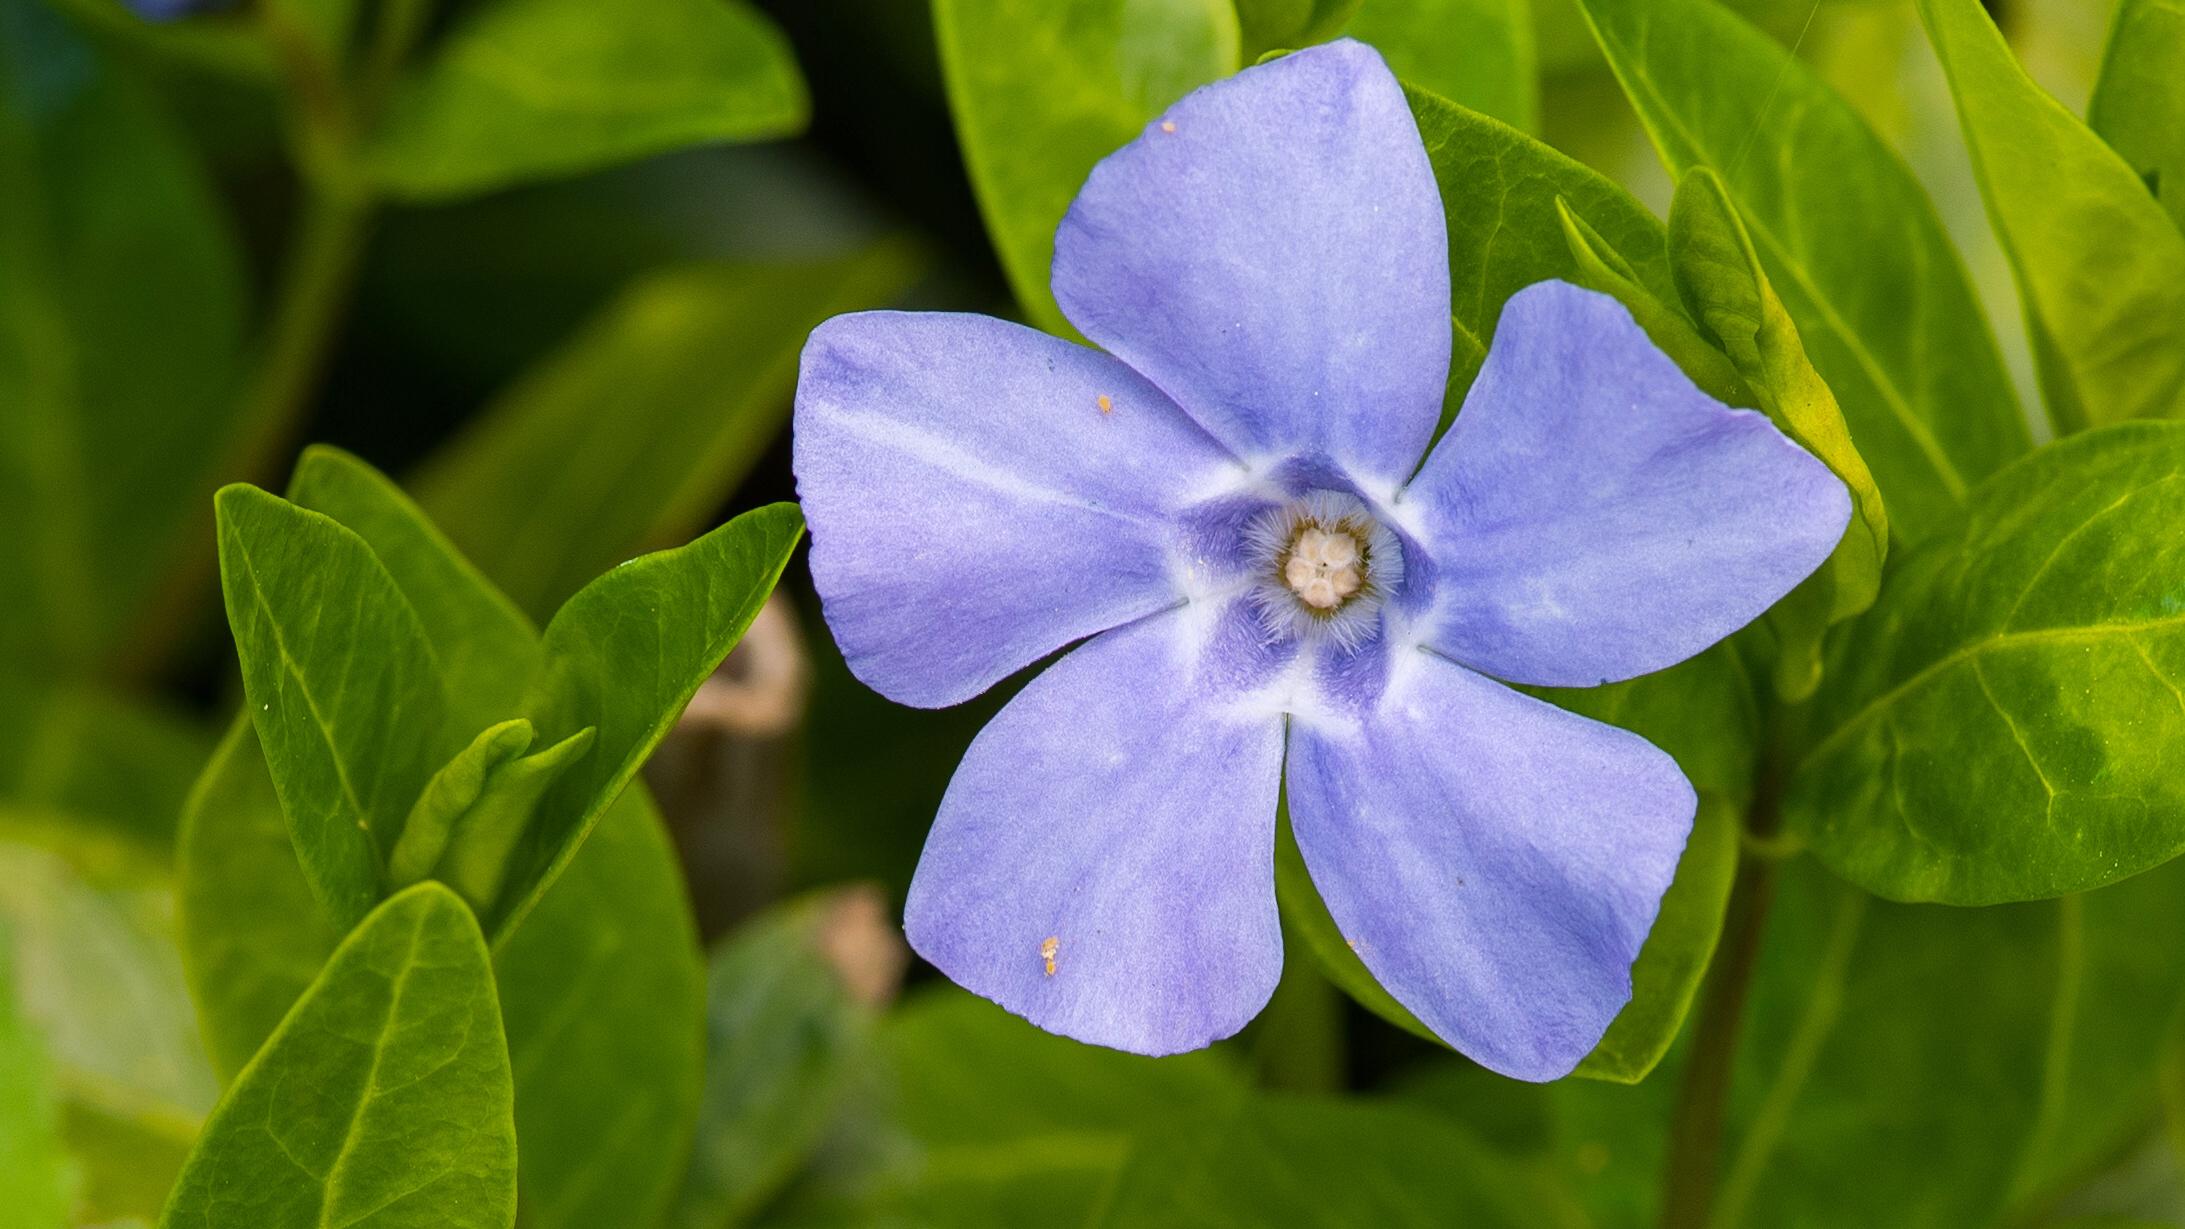 описание и фото цветка барвинок квадратный